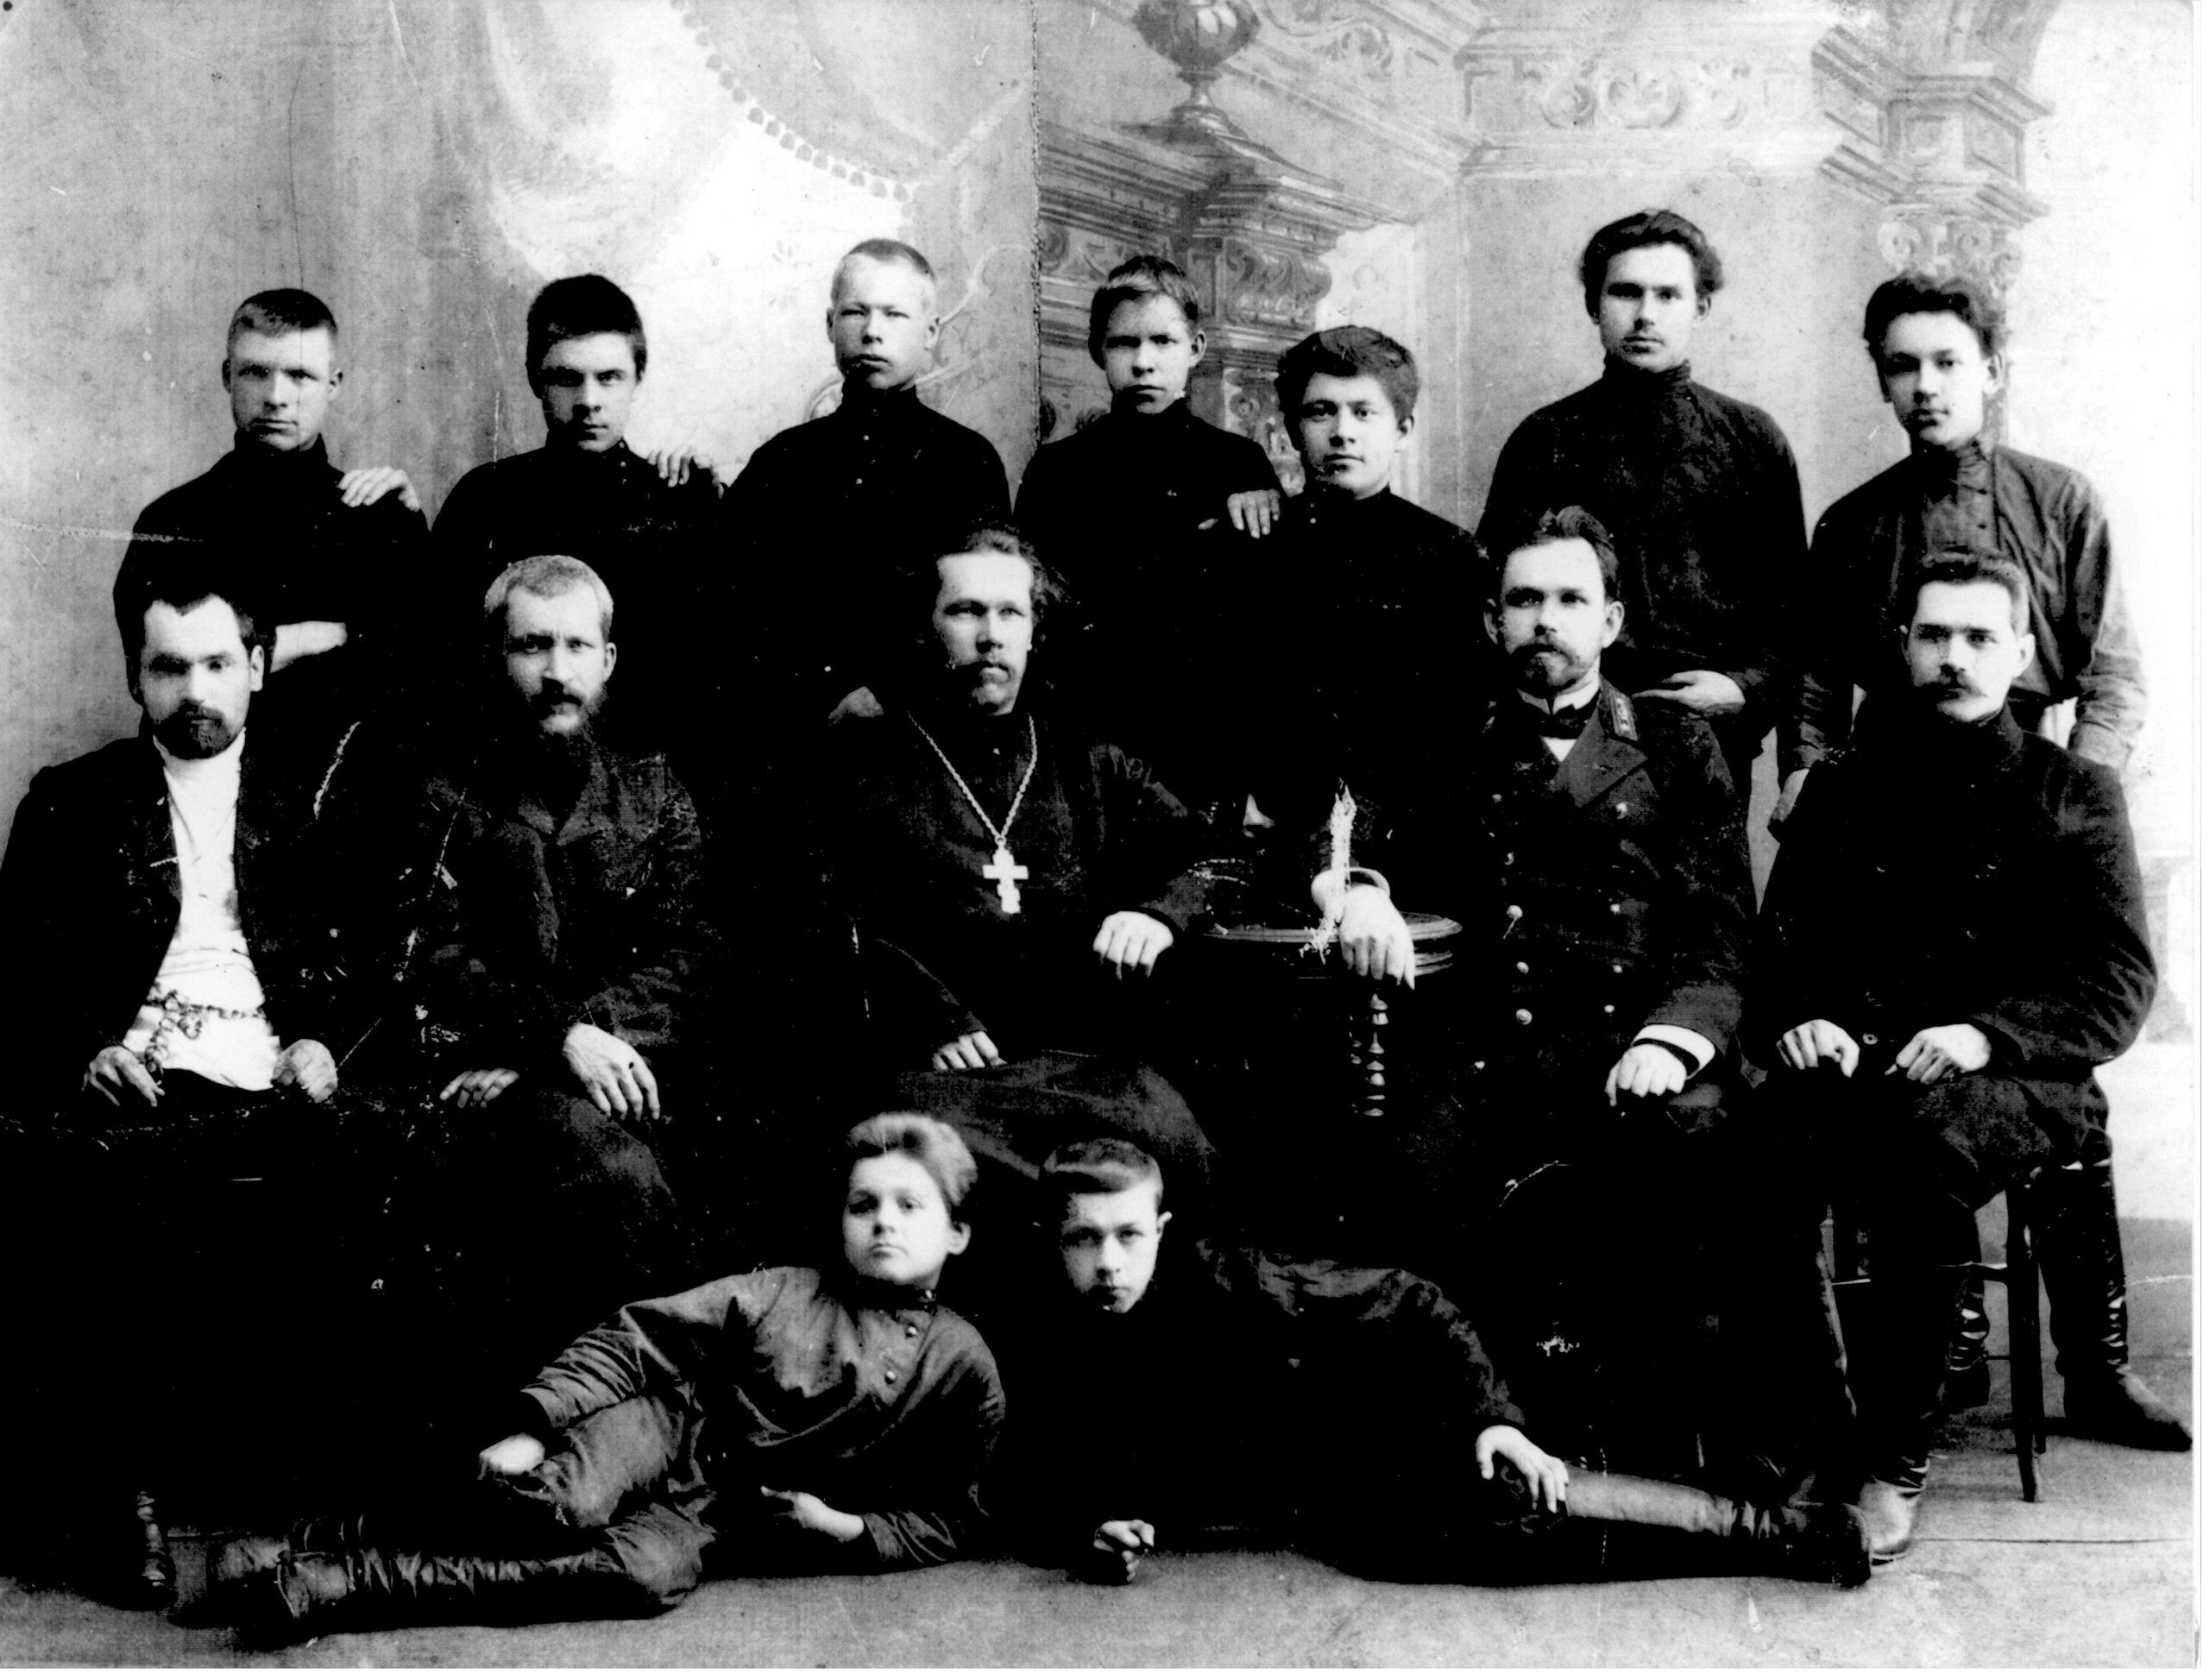 Ученики и преподаватели ремесленного училища. В центре - священник о. Александр Тетюев, священномученик. 1910-е